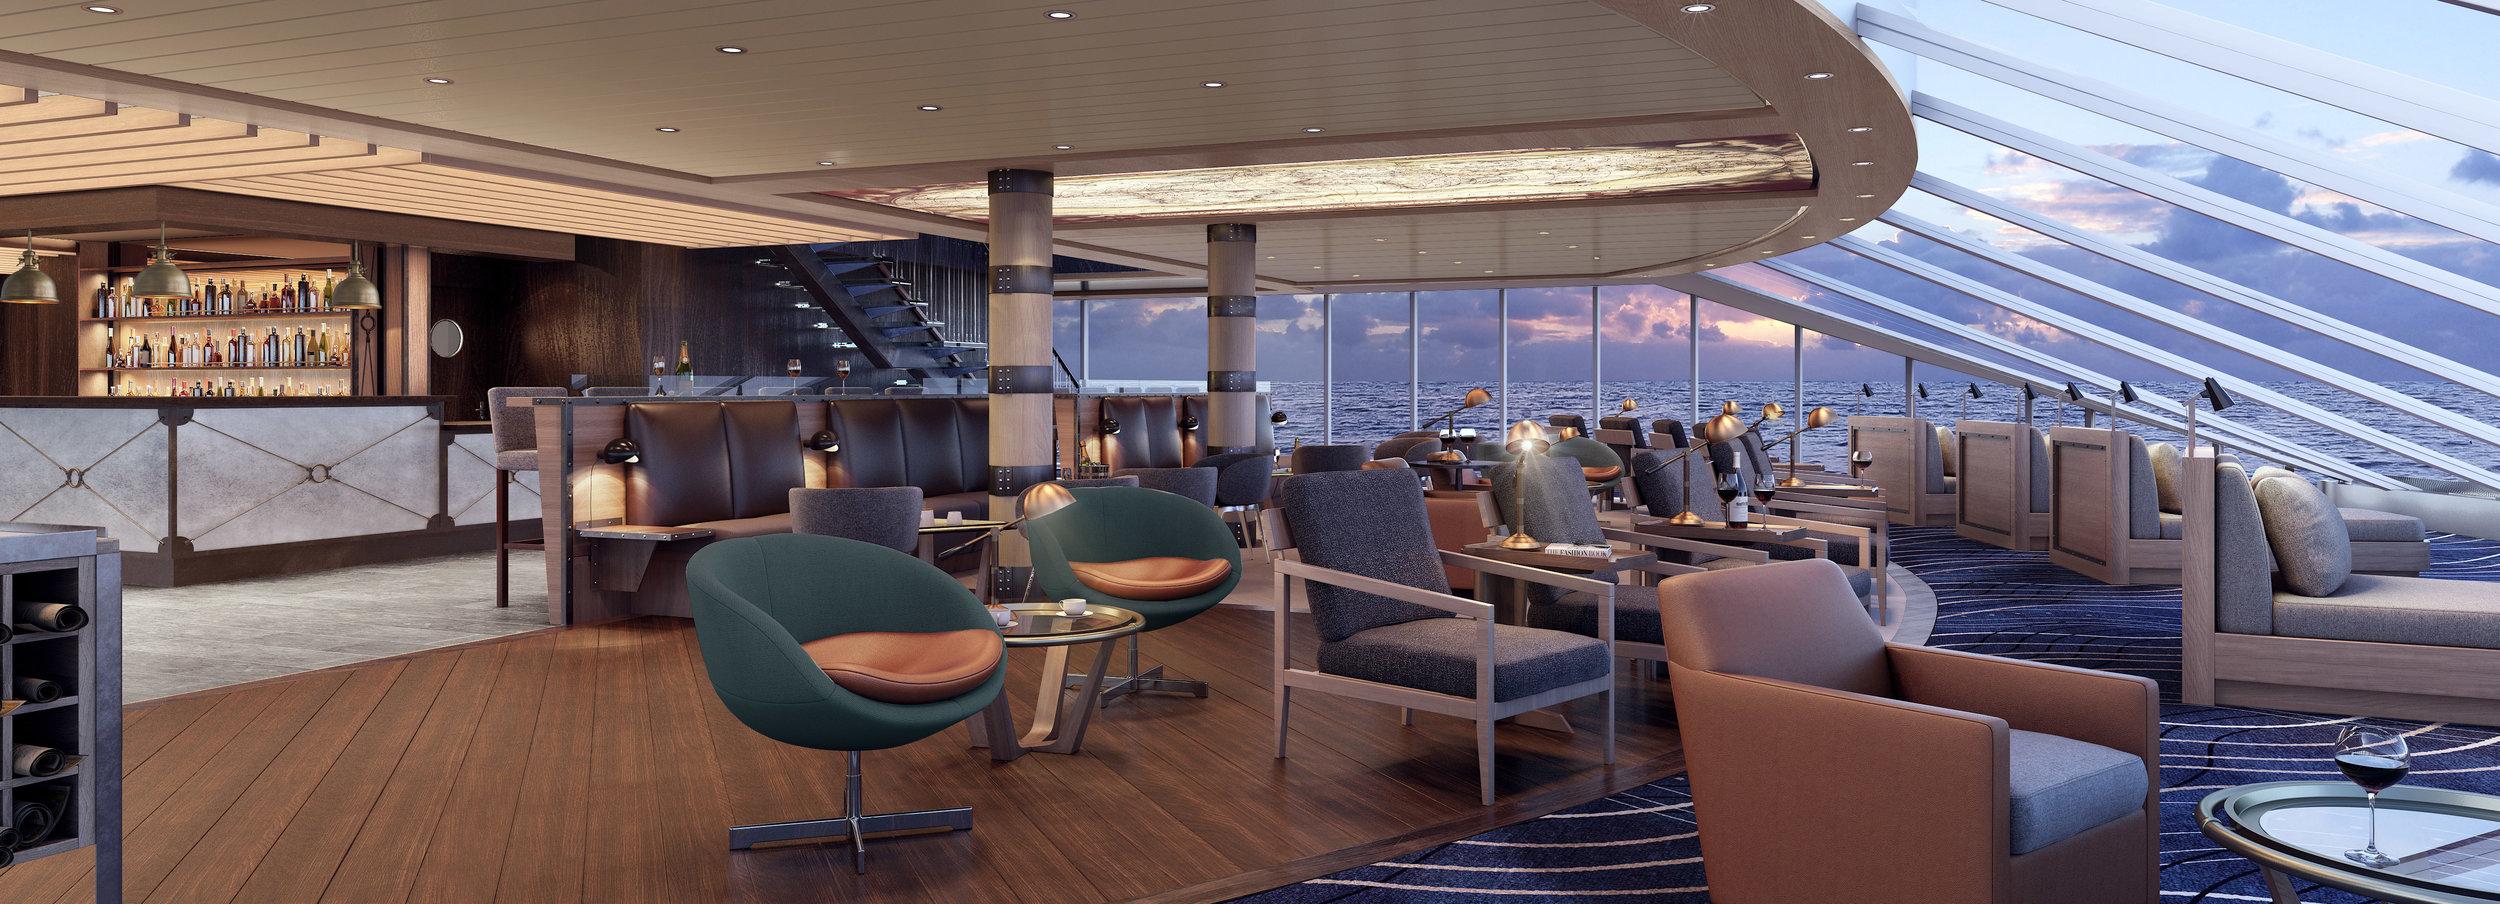 RA_FN Explorer Lounge Fwd Hurtigruten.jpg